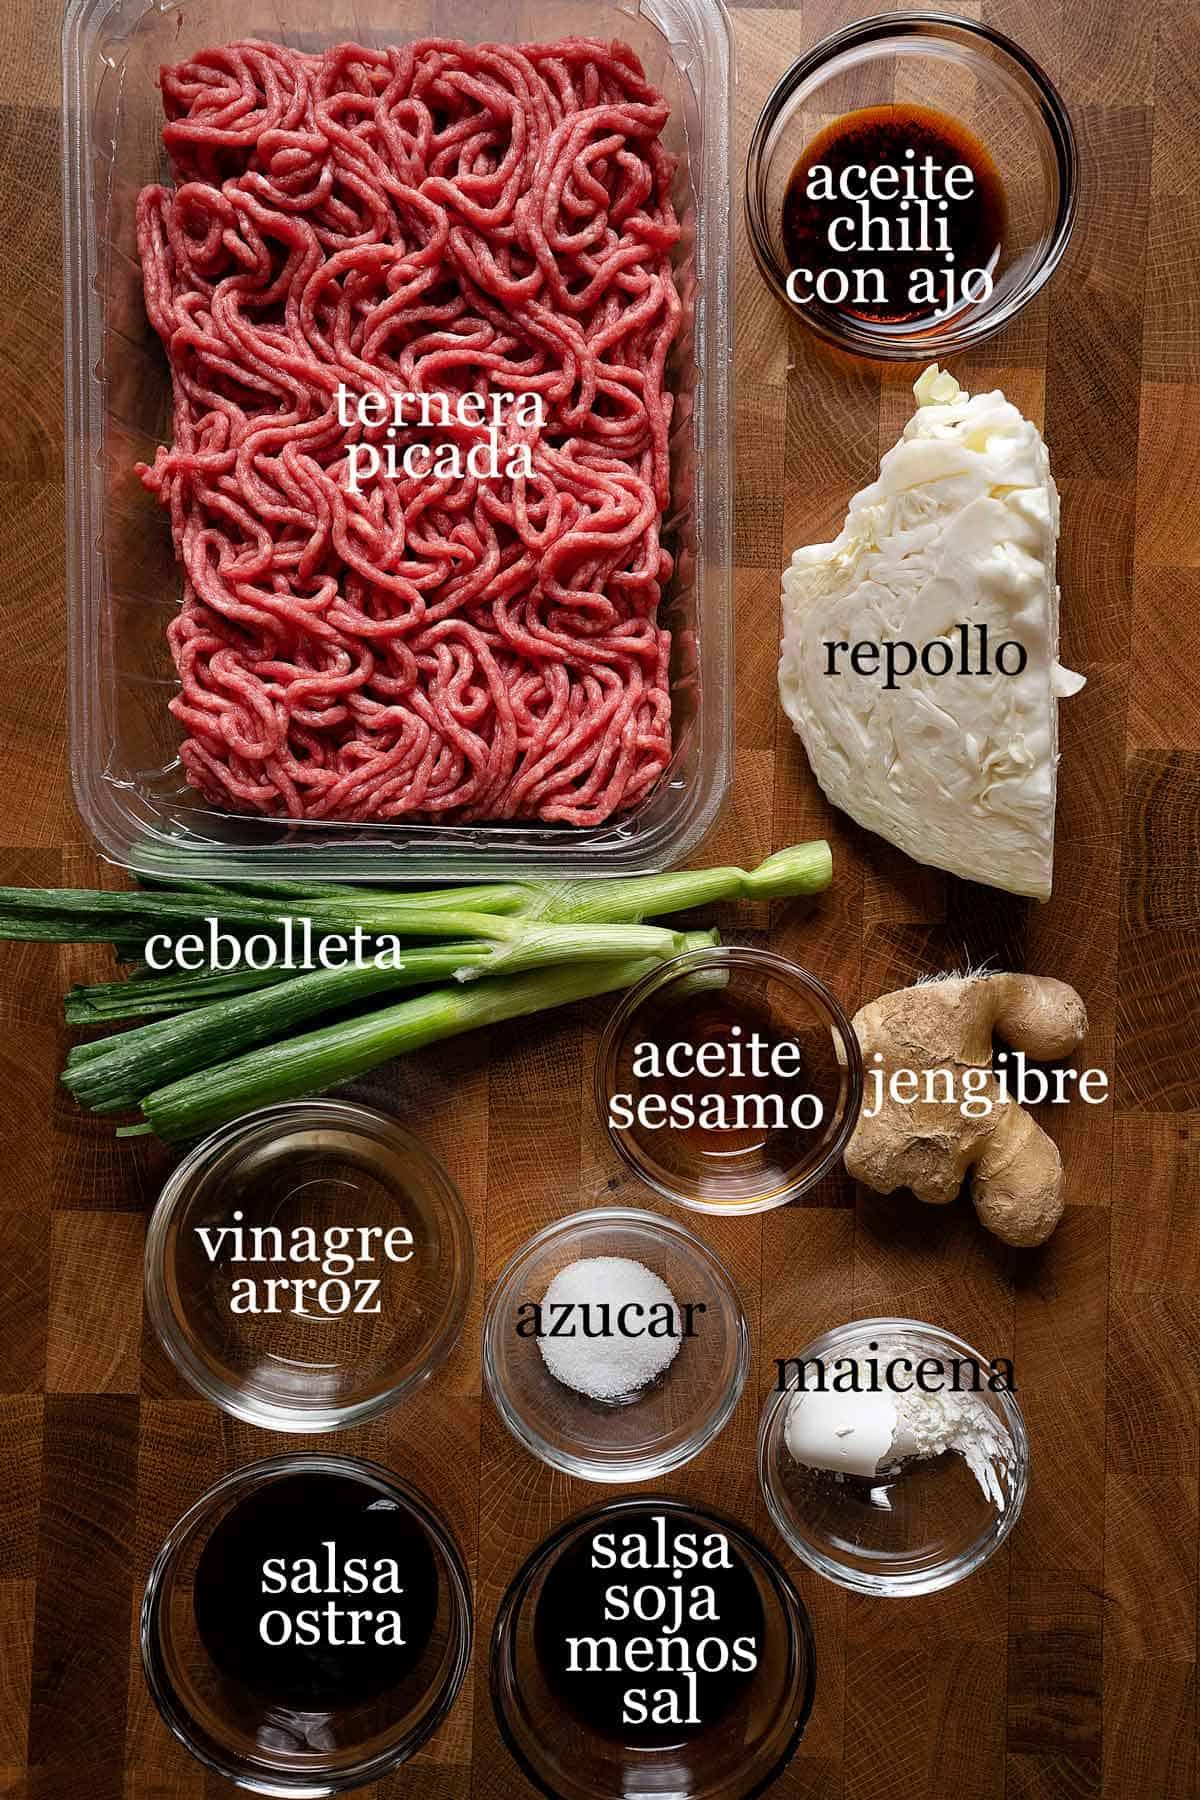 ingredientes para wontons en salsa de chile con ajo.